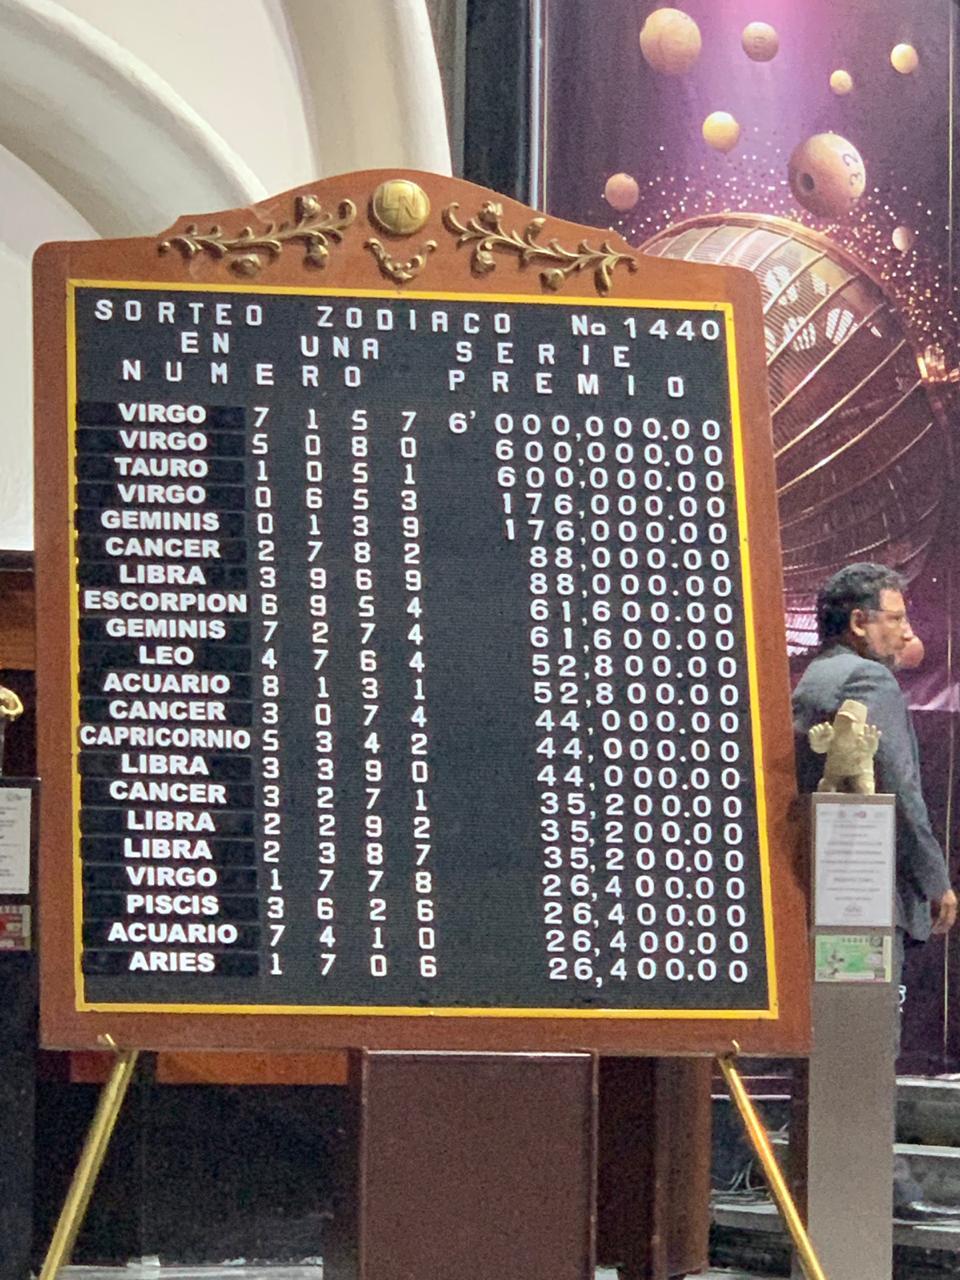 Resultado sorteo zodiaco 1440